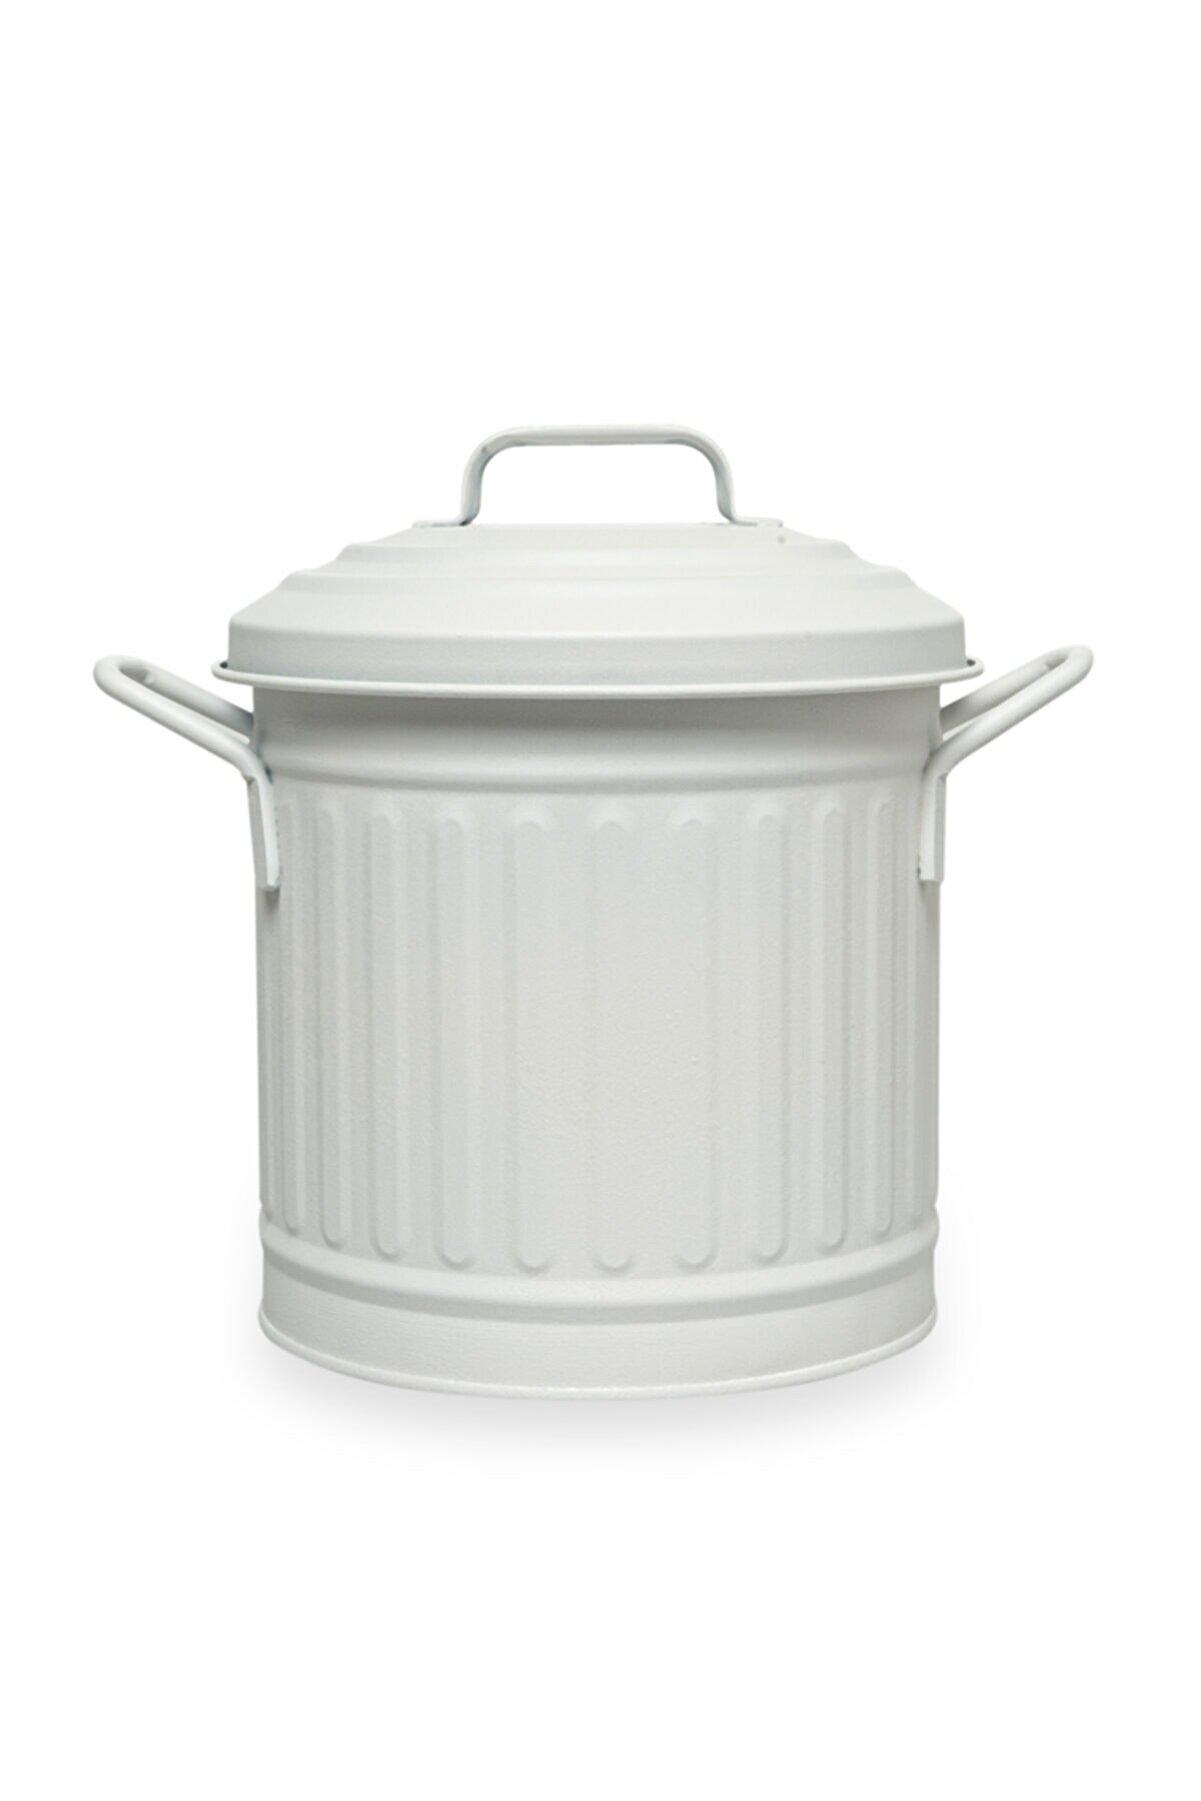 The Mia Beyaz Tezgah Çöp Kovası 4 l